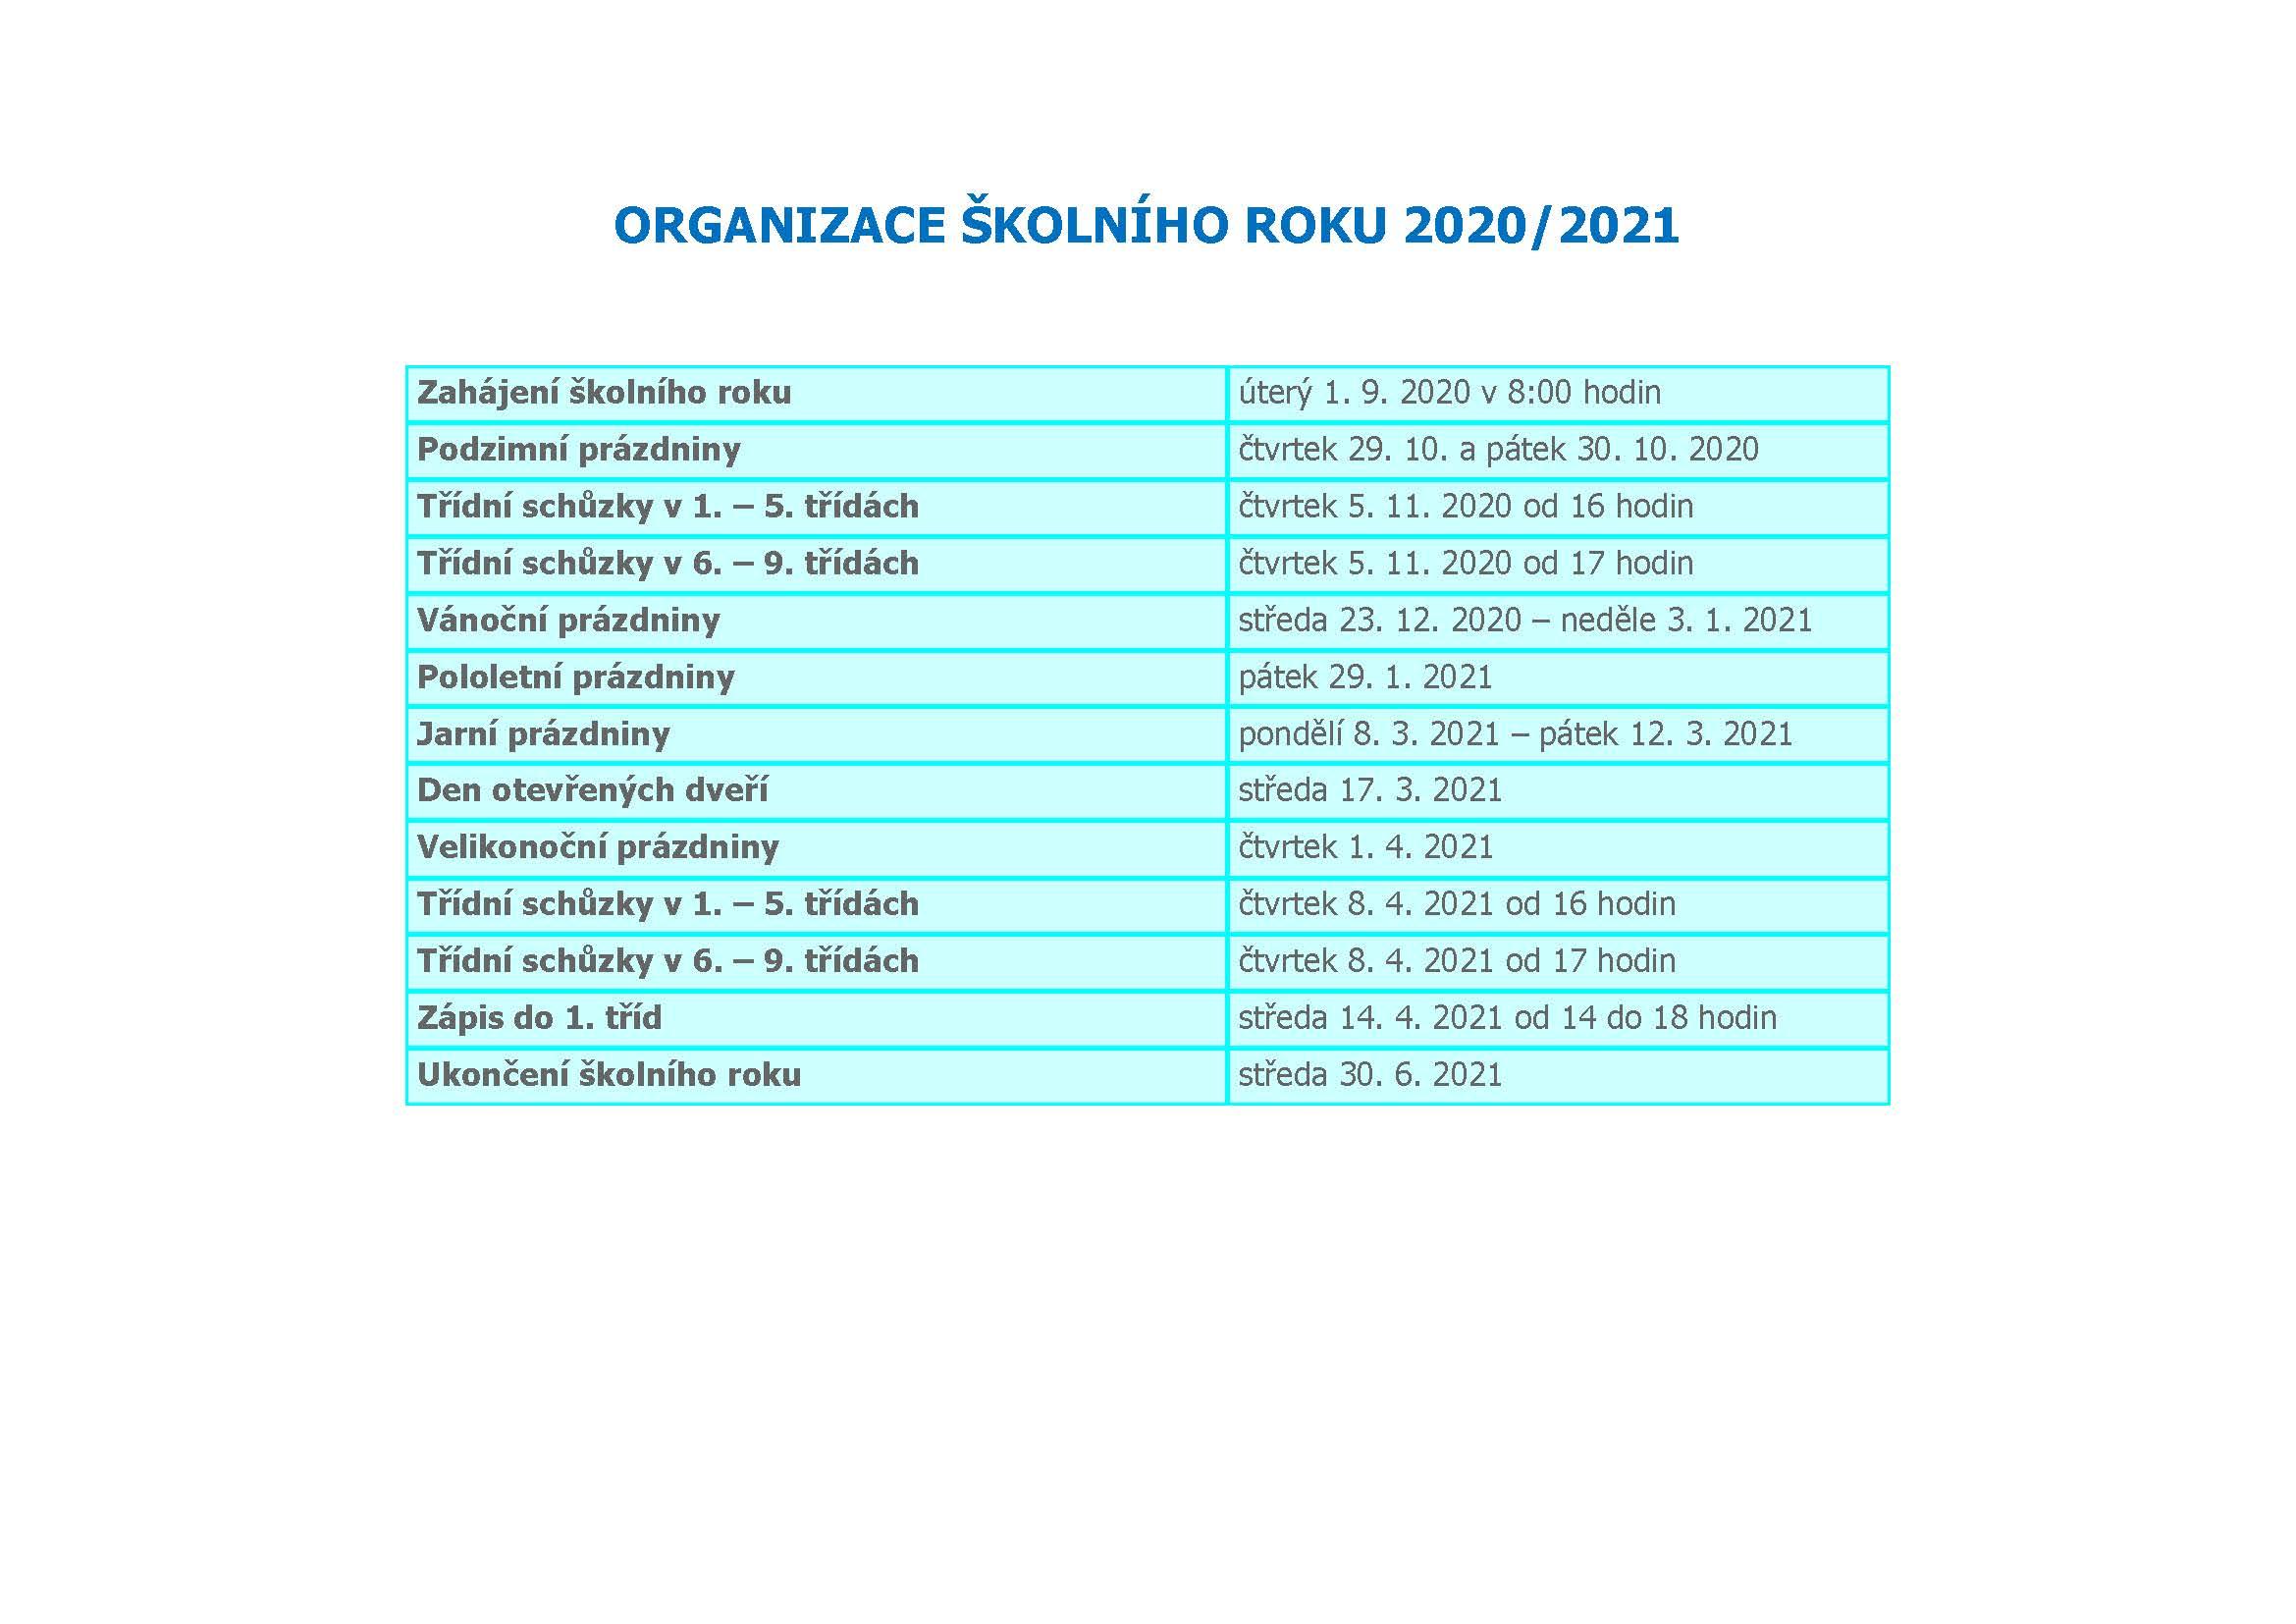 Organizace školního roku 2020-2021